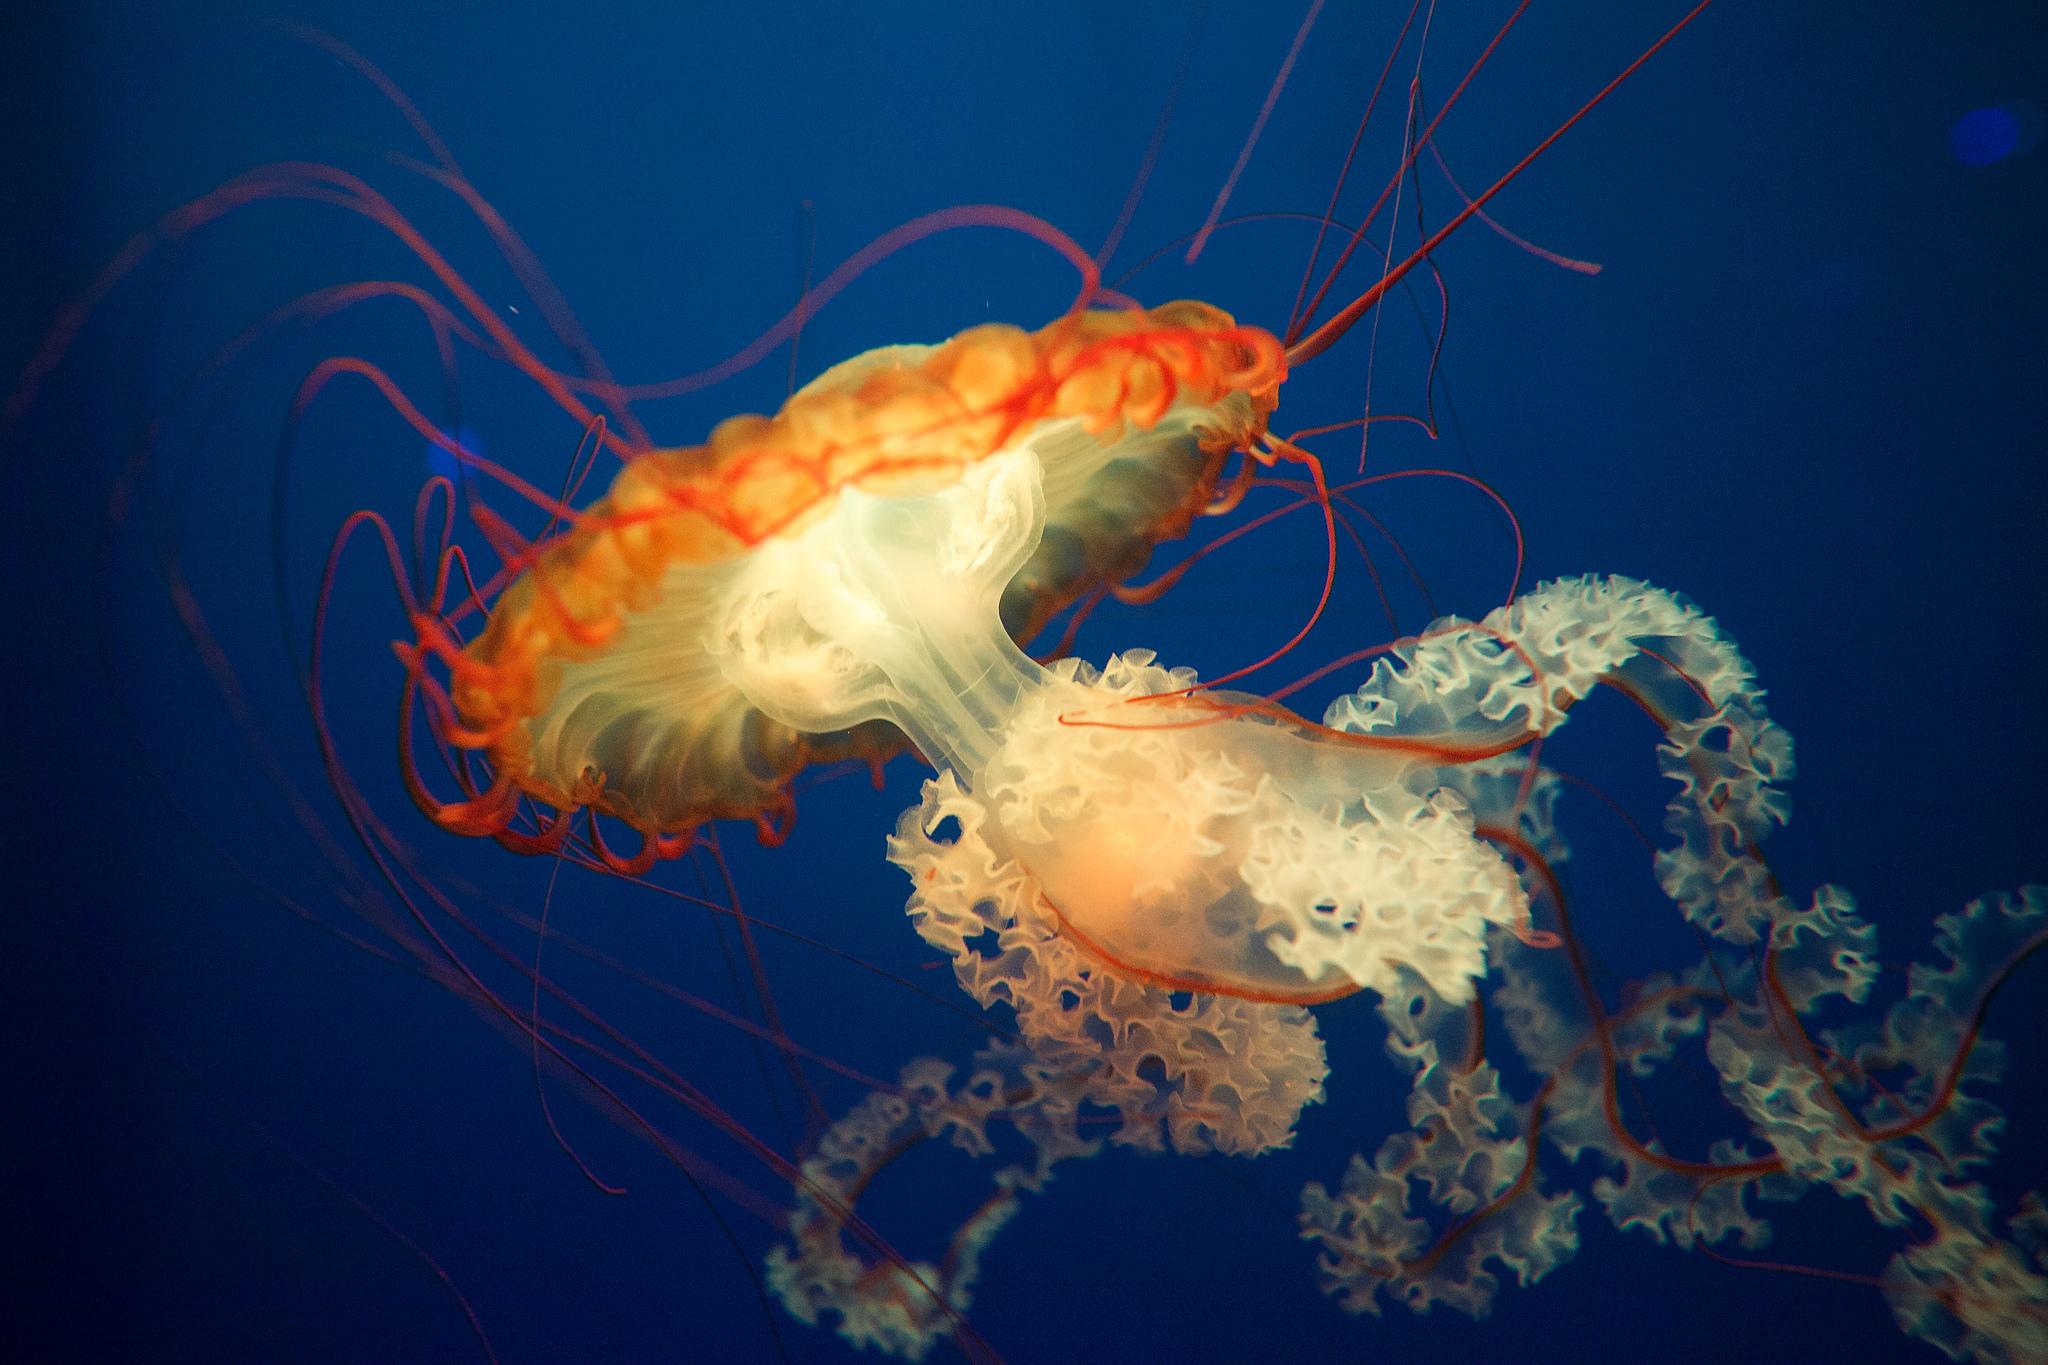 Jellyfish by Aurelien Guichard.